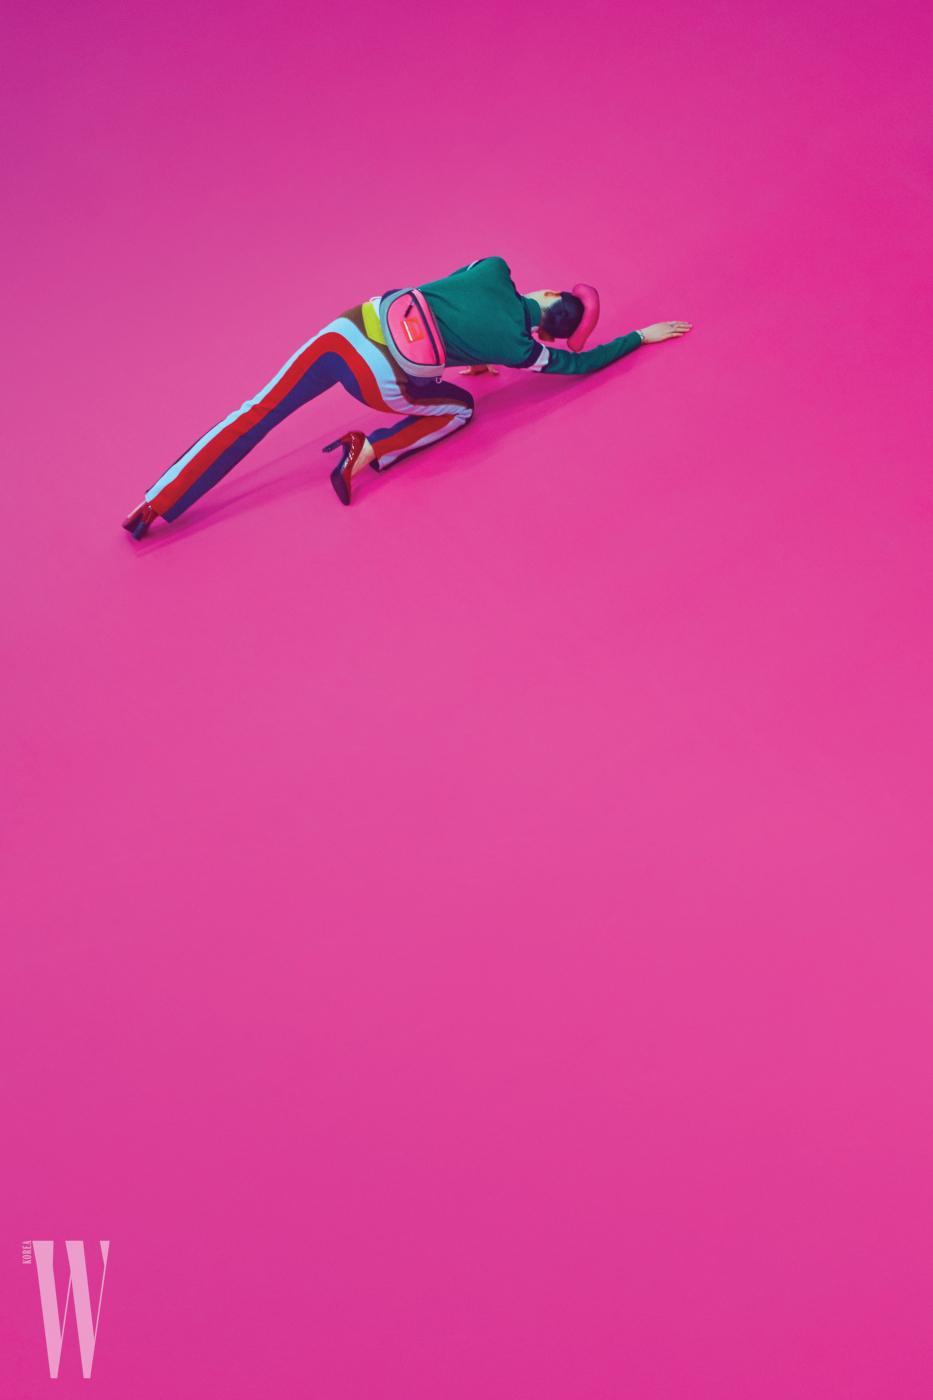 초록색 니트는 구찌 제품. 가격 미정. 팬츠는 소니아 리키엘 제품. 2백18만원대. 네온 핑크색 힙색은 마크 제이콥스 제품. 가격 미정. 빨간색 페이턴트 슈즈는 보테가 베네타 제품. 80만원대.